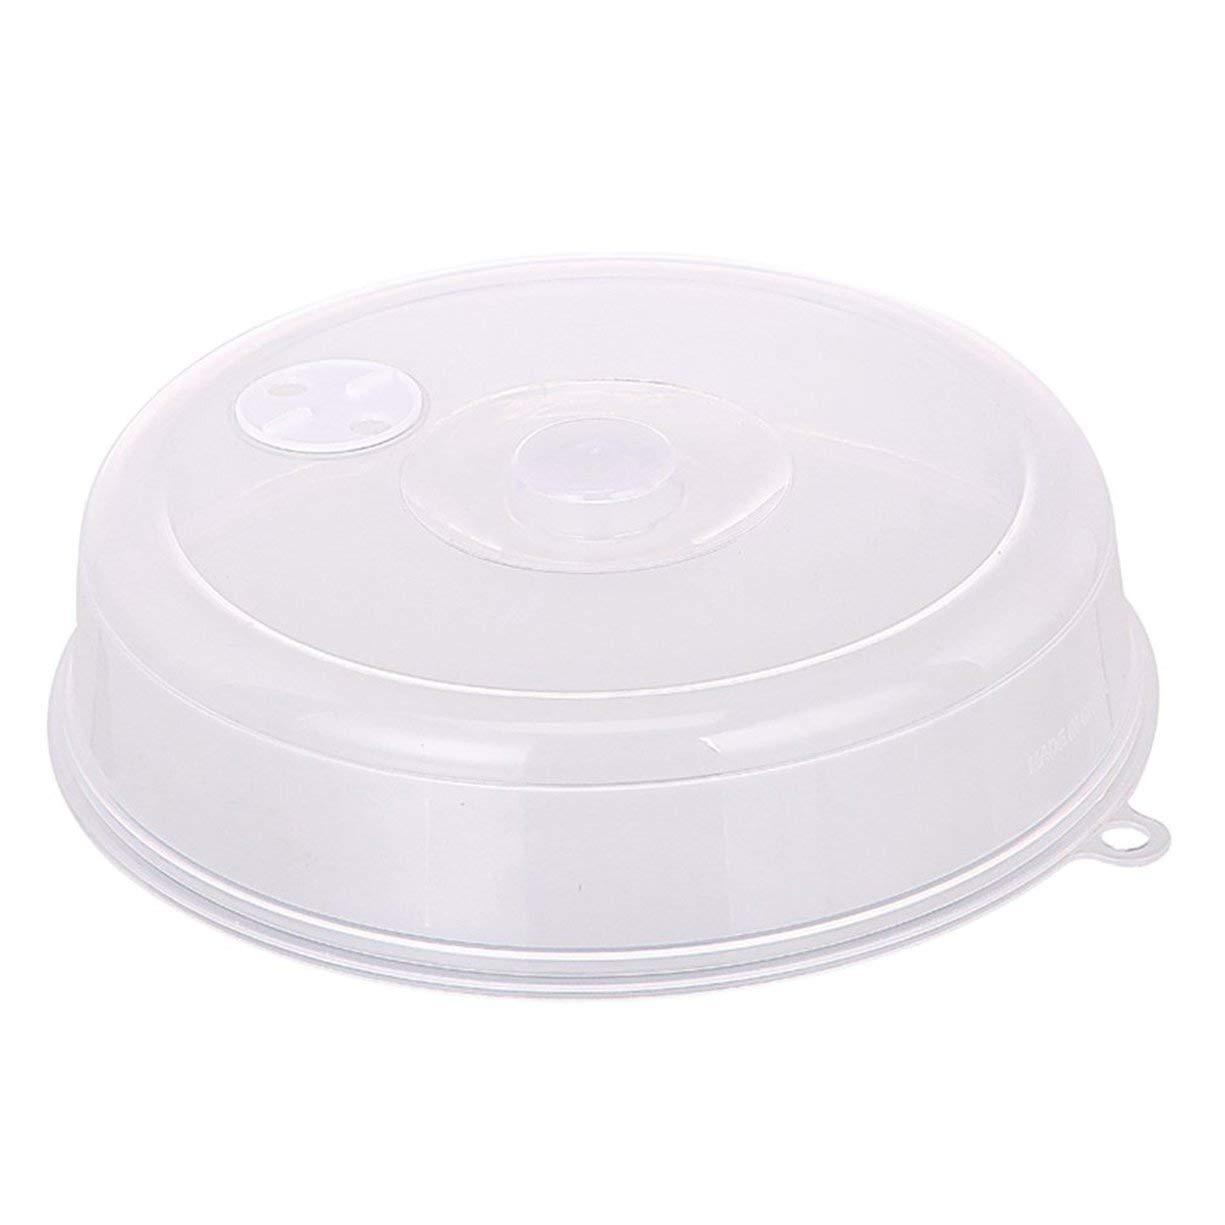 Cubierta de salpicadura de microondas, tapa de placa de microondas Tapa con orificios de vapor Cubierta de tazón de fuente fresca Cubierta de salpicadura de microondas apilable Cubierta de disco de sellado